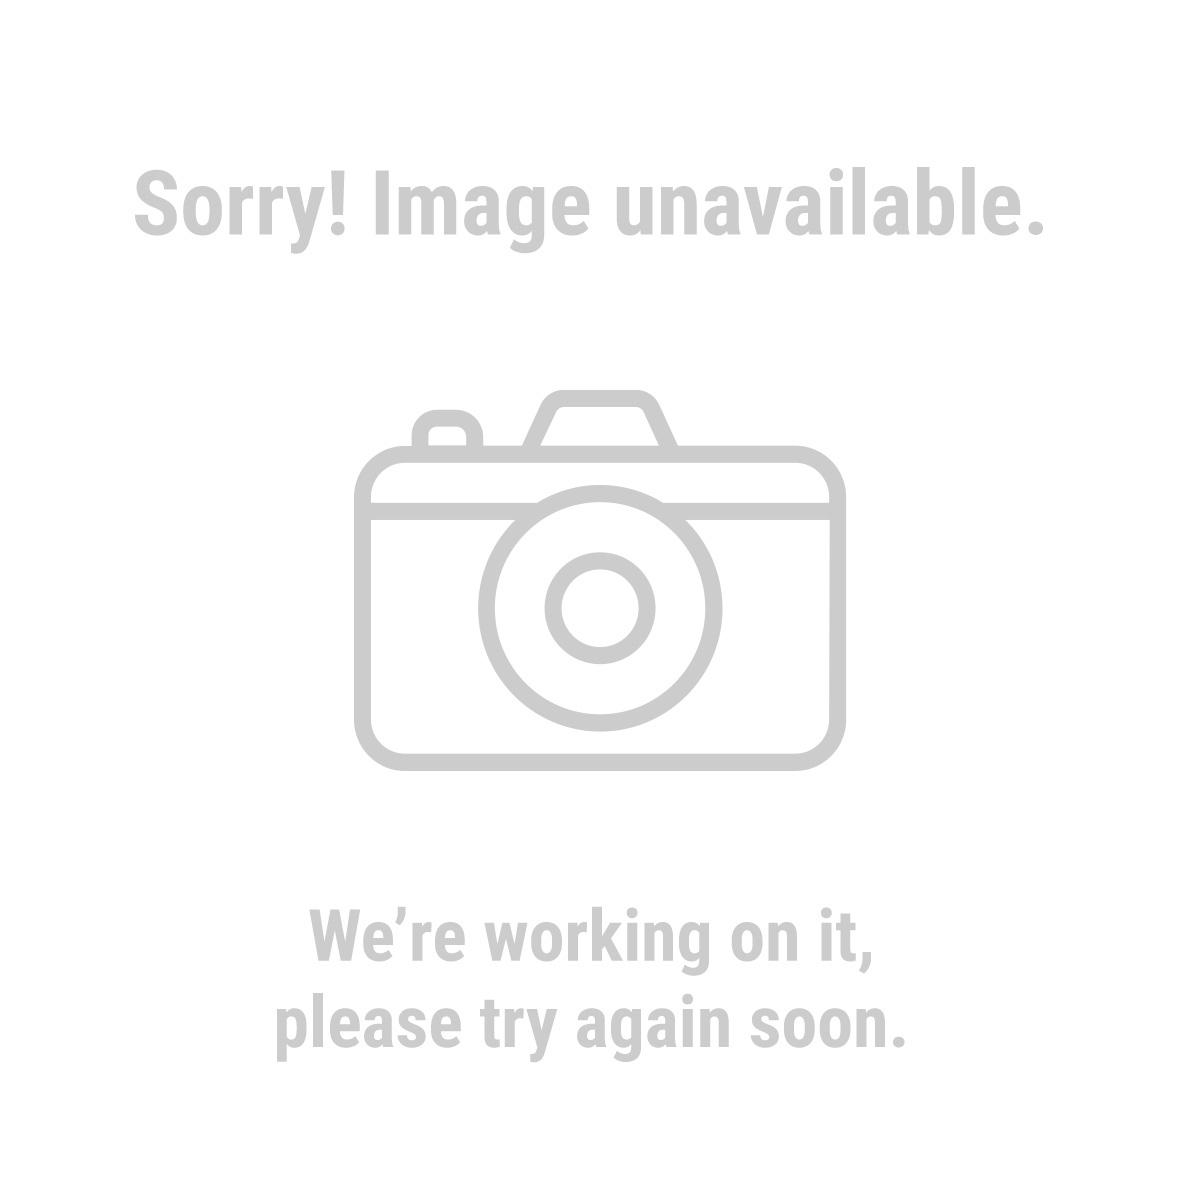 Warrior® 60831 4 in. 36 Grit Metal Grinding Wheel 10 Pc